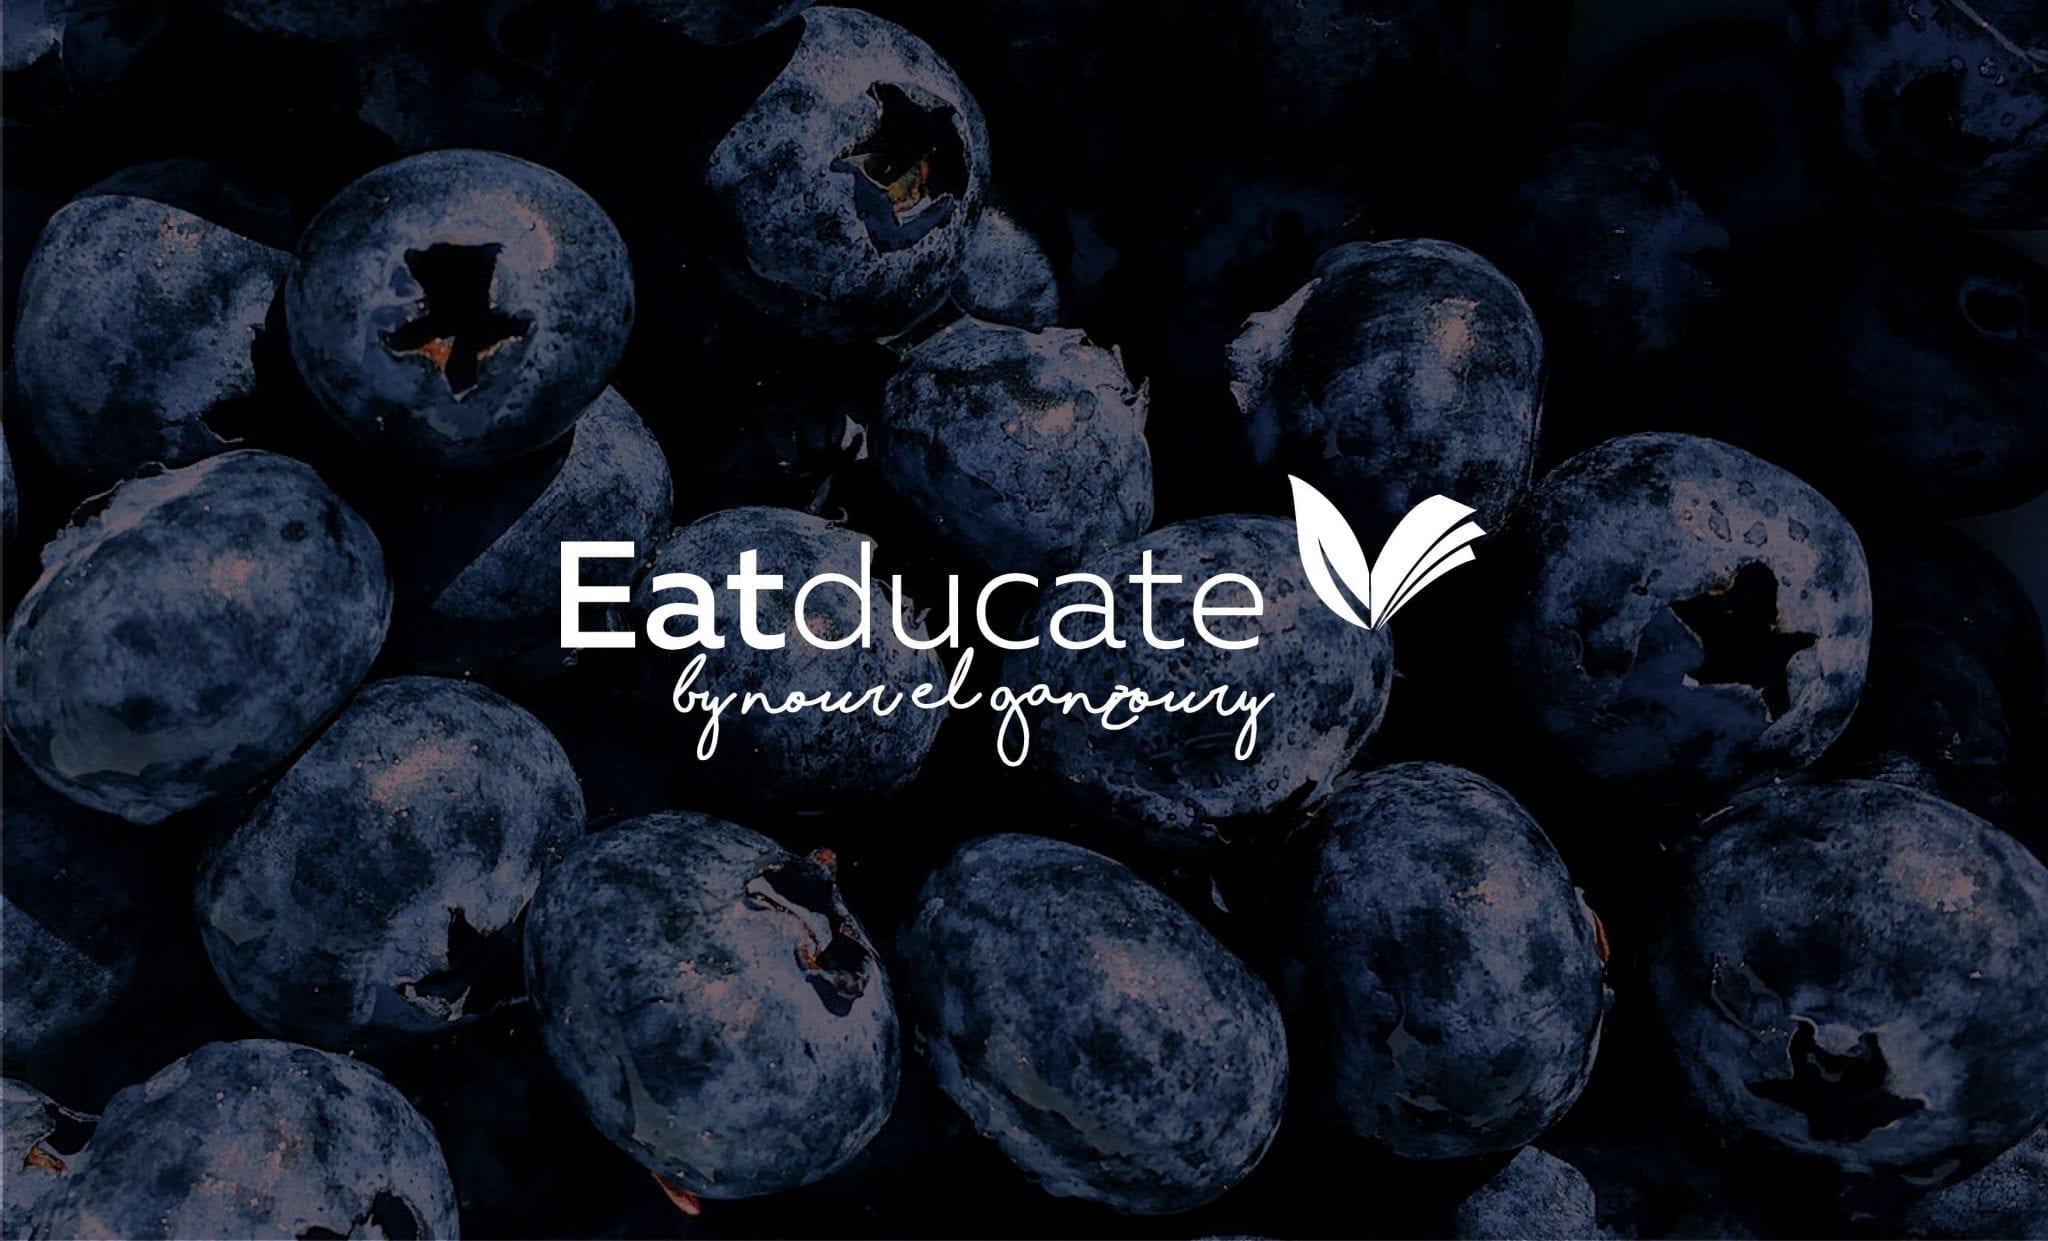 Eatducate Branding jpegs2